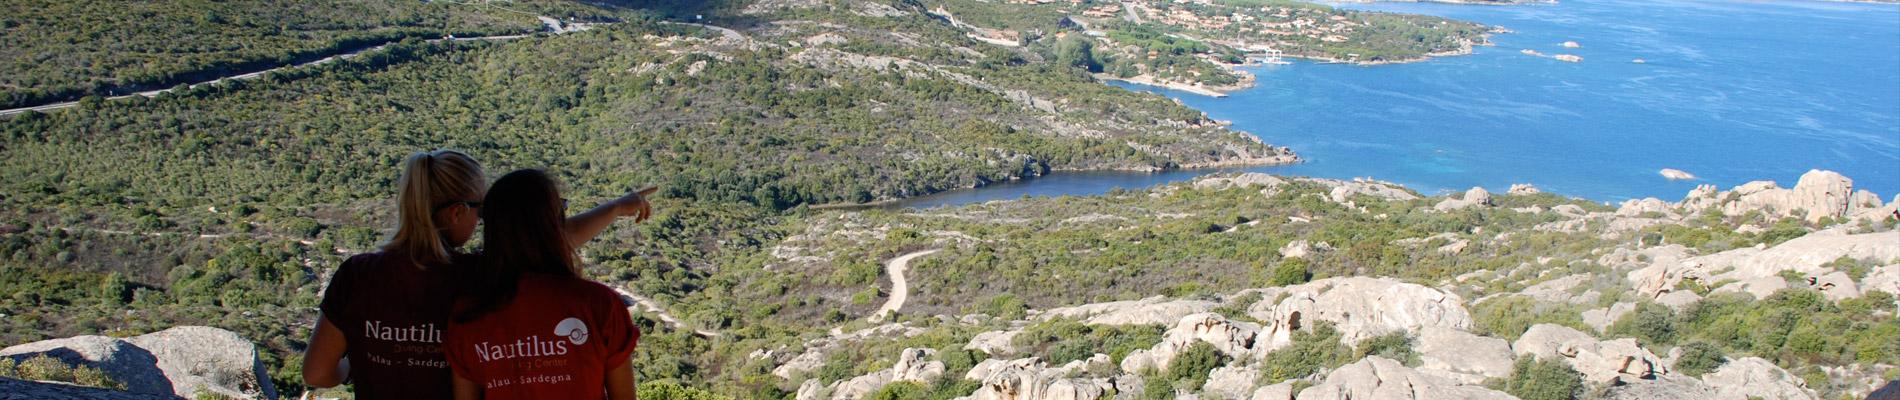 Vista da Orso Palau Nautilus Sardegna